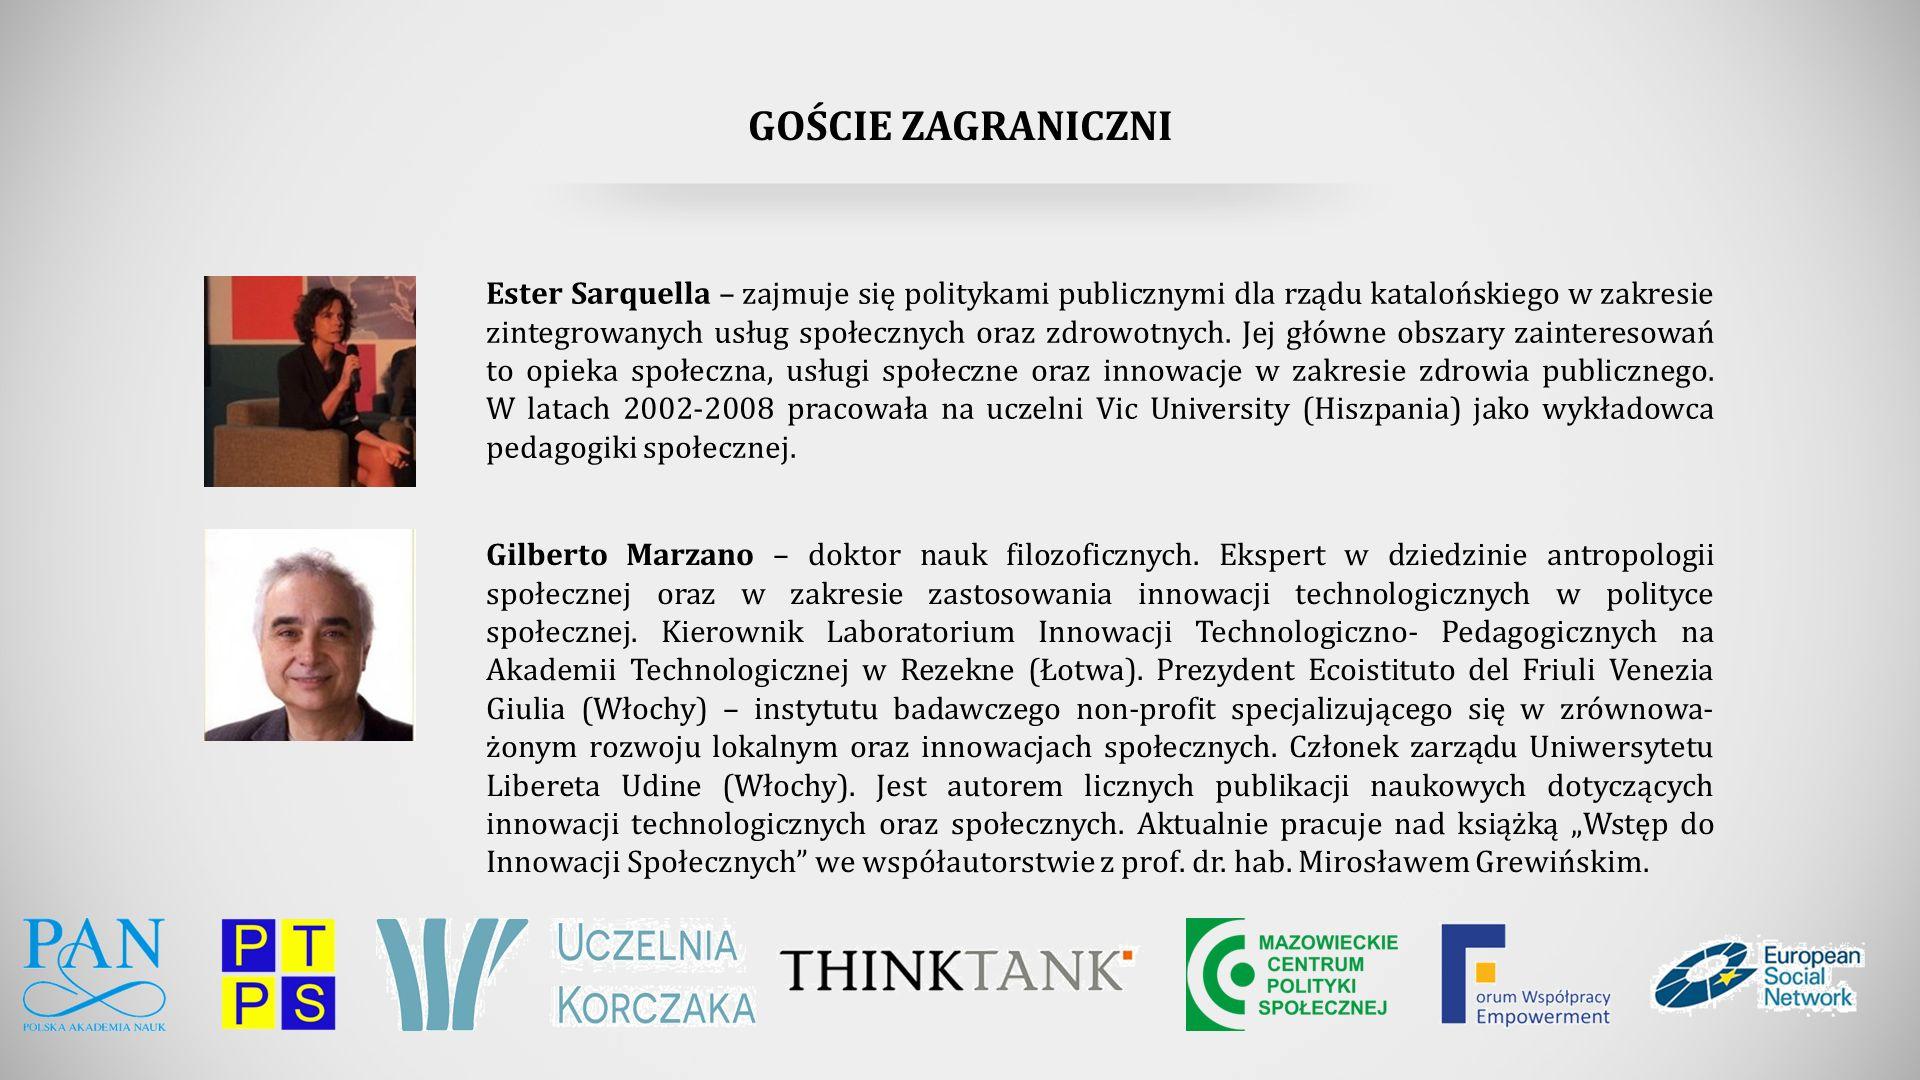 GOŚCIE ZAGRANICZNI Gilberto Marzano – doktor nauk filozoficznych.